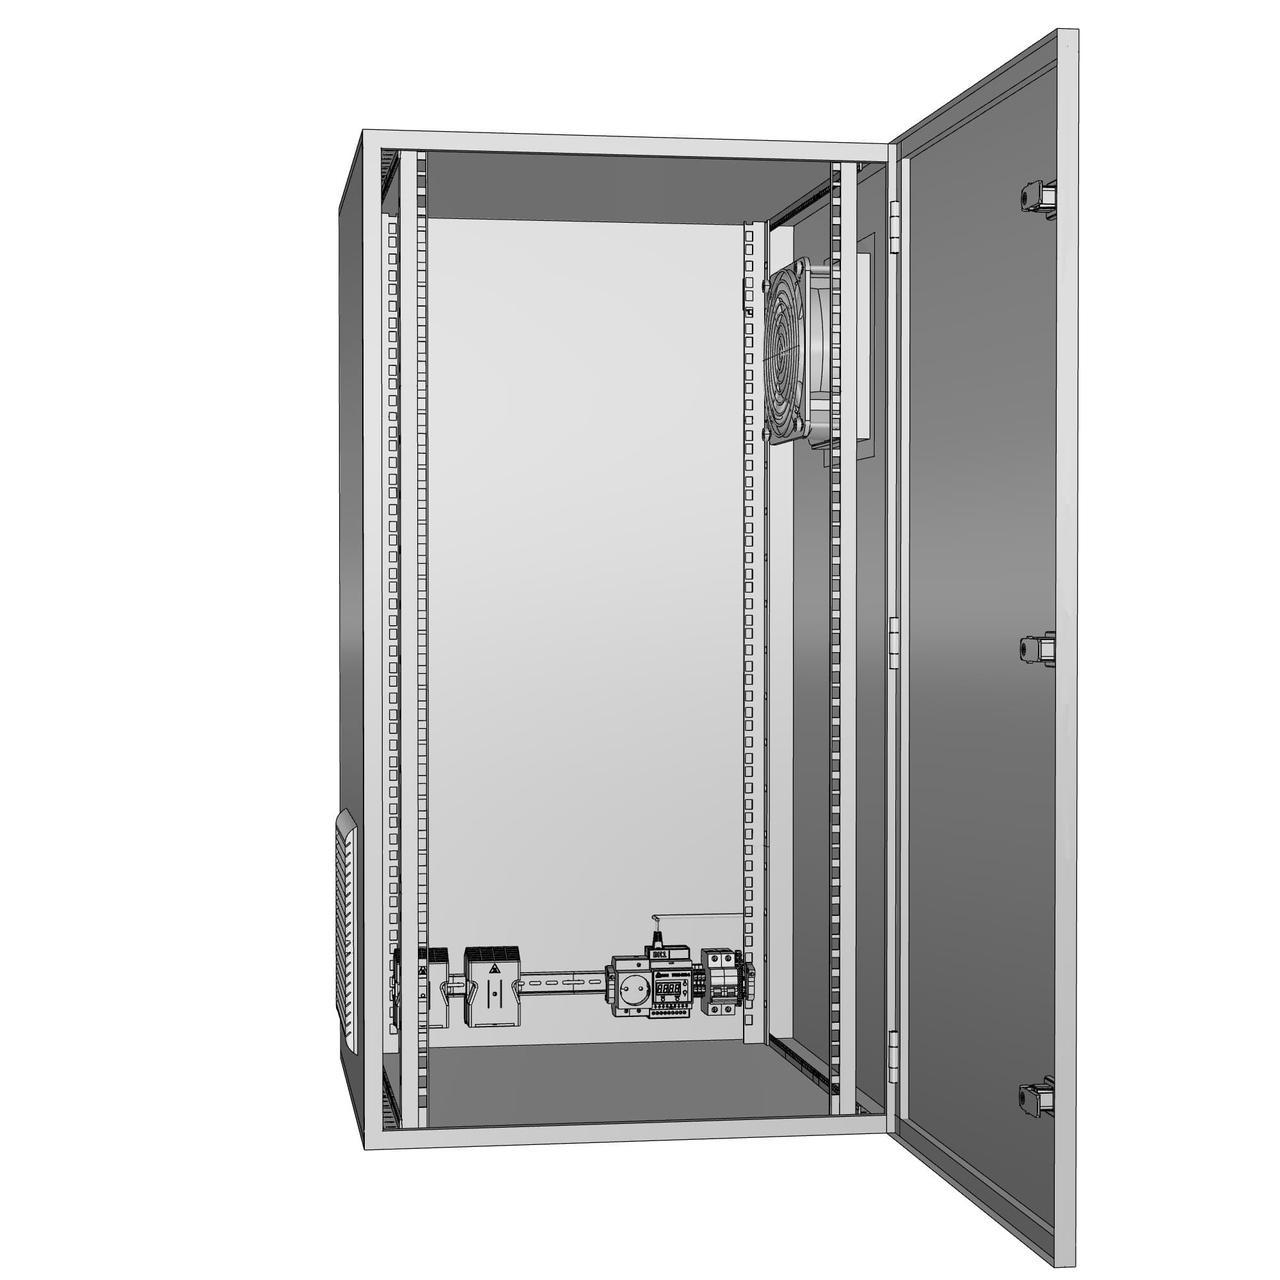 Щит климатический утеплённый с вентиляцией ЩКу- В- 7 - 1200×800×150 (В×Ш×Г IP65